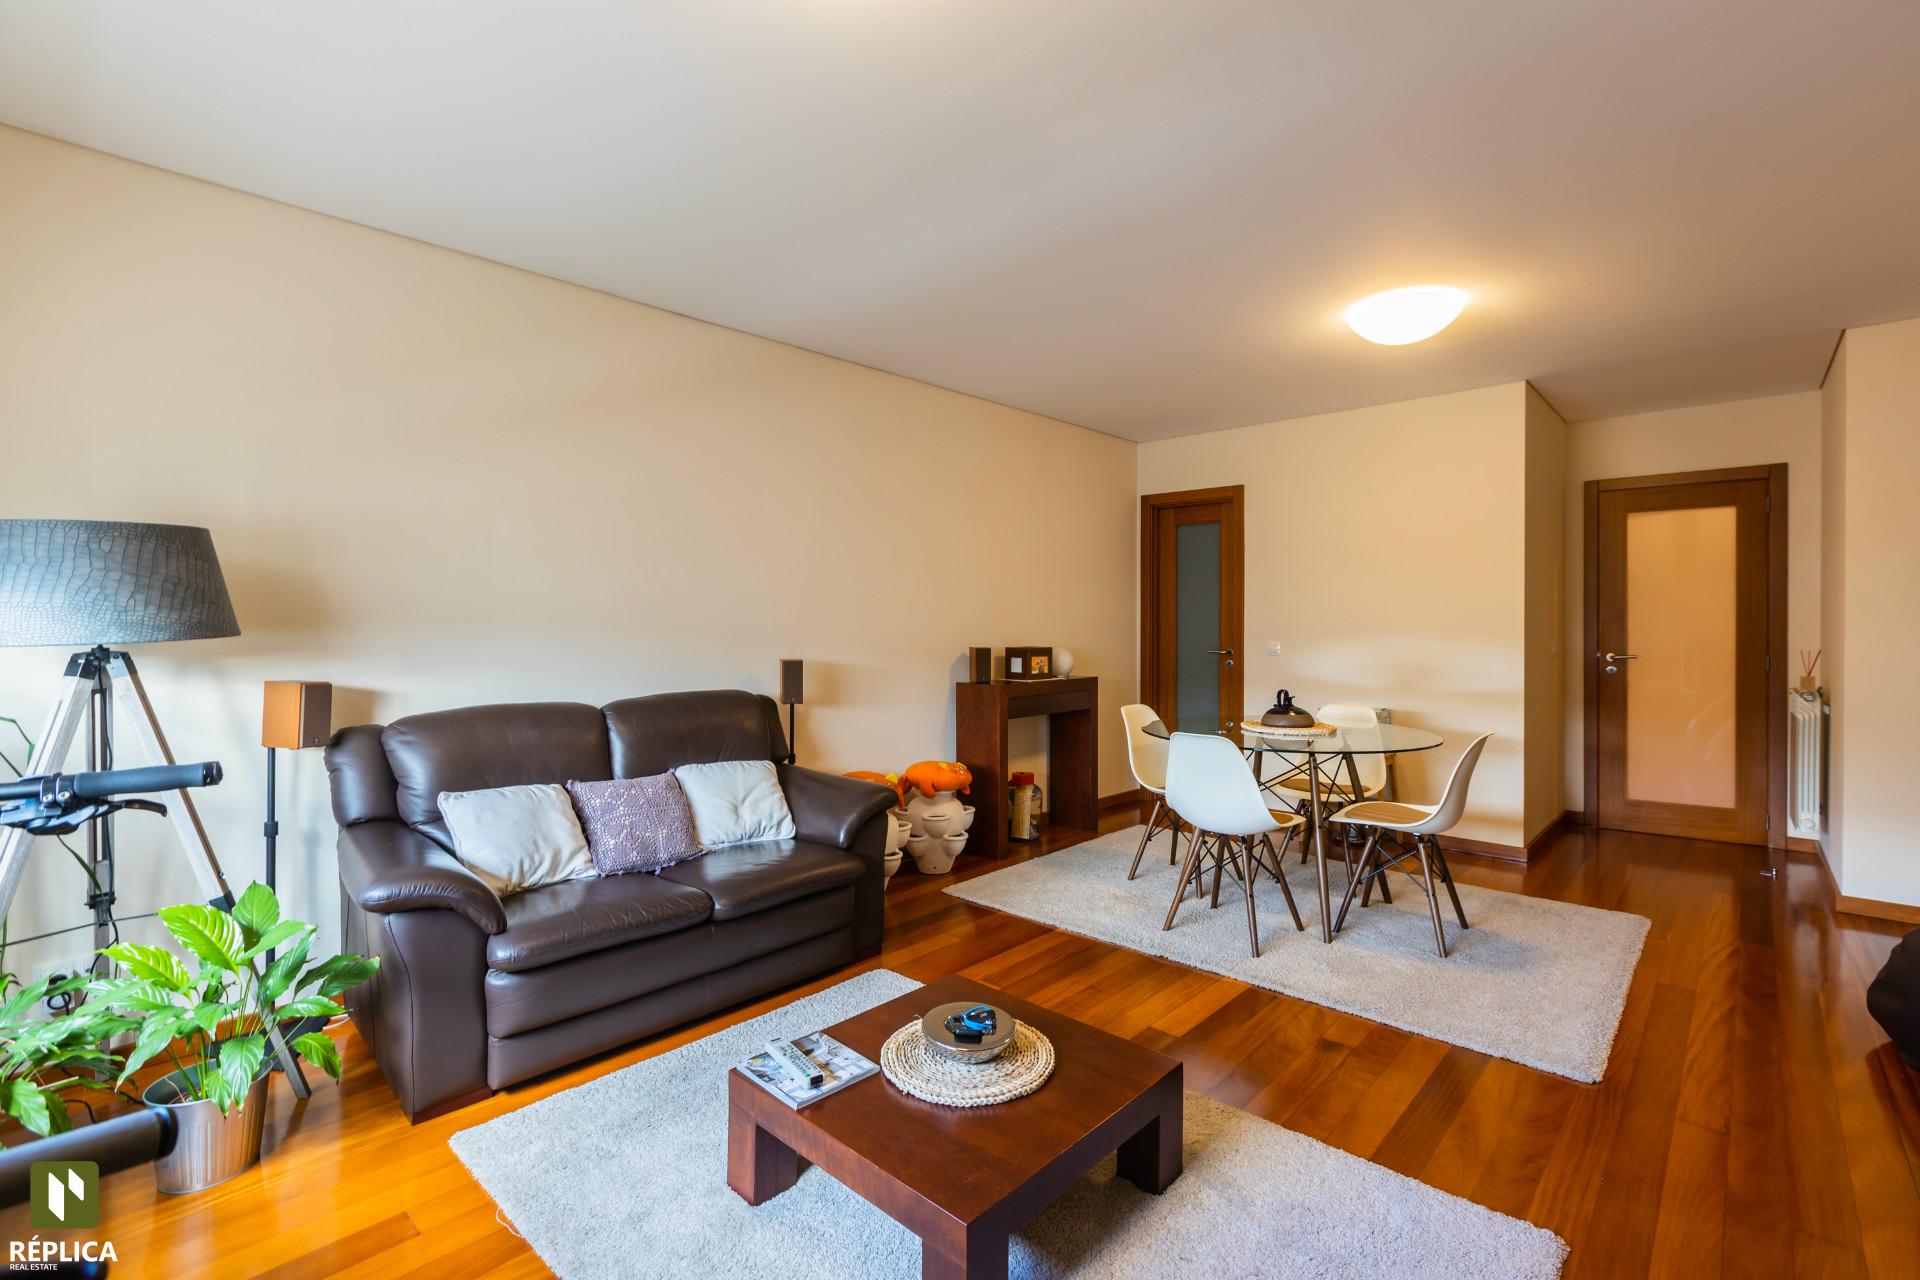 Apartamento T2 Duplex Recuado com dois terraços em Matosinhos Sul